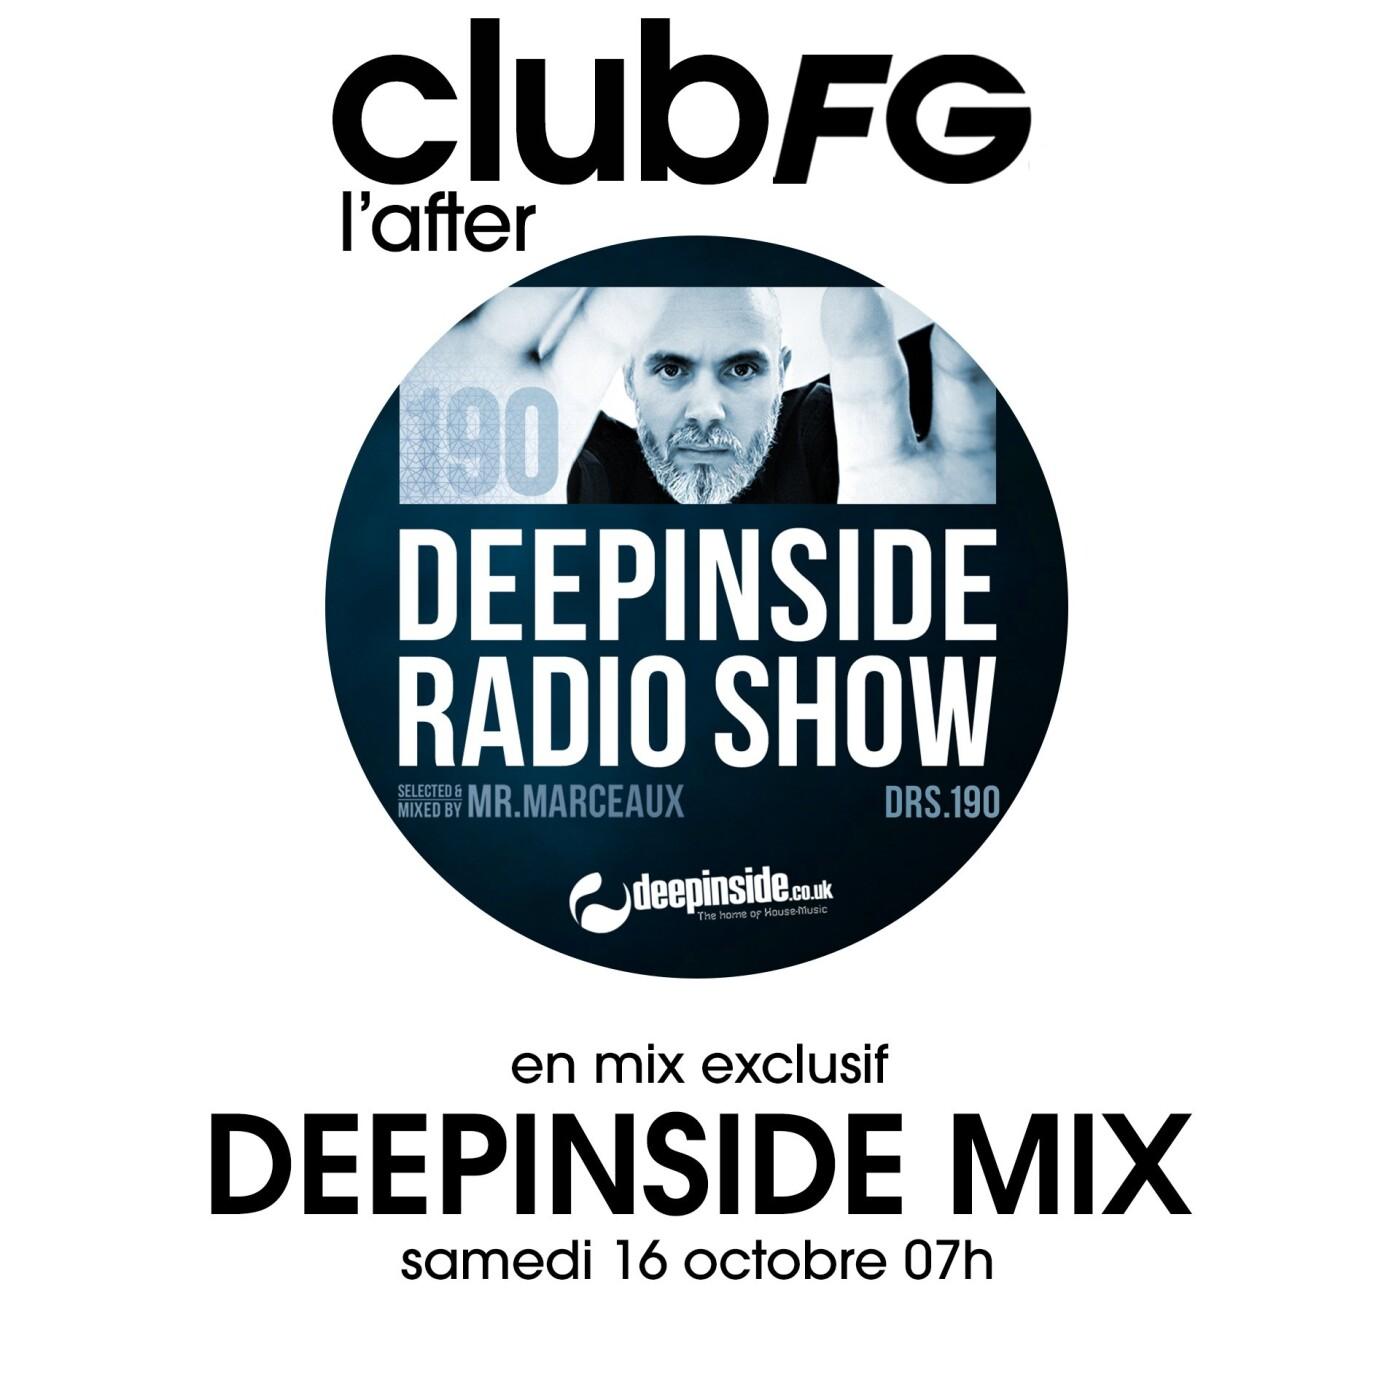 CLUB FG : DEEPINSIDE